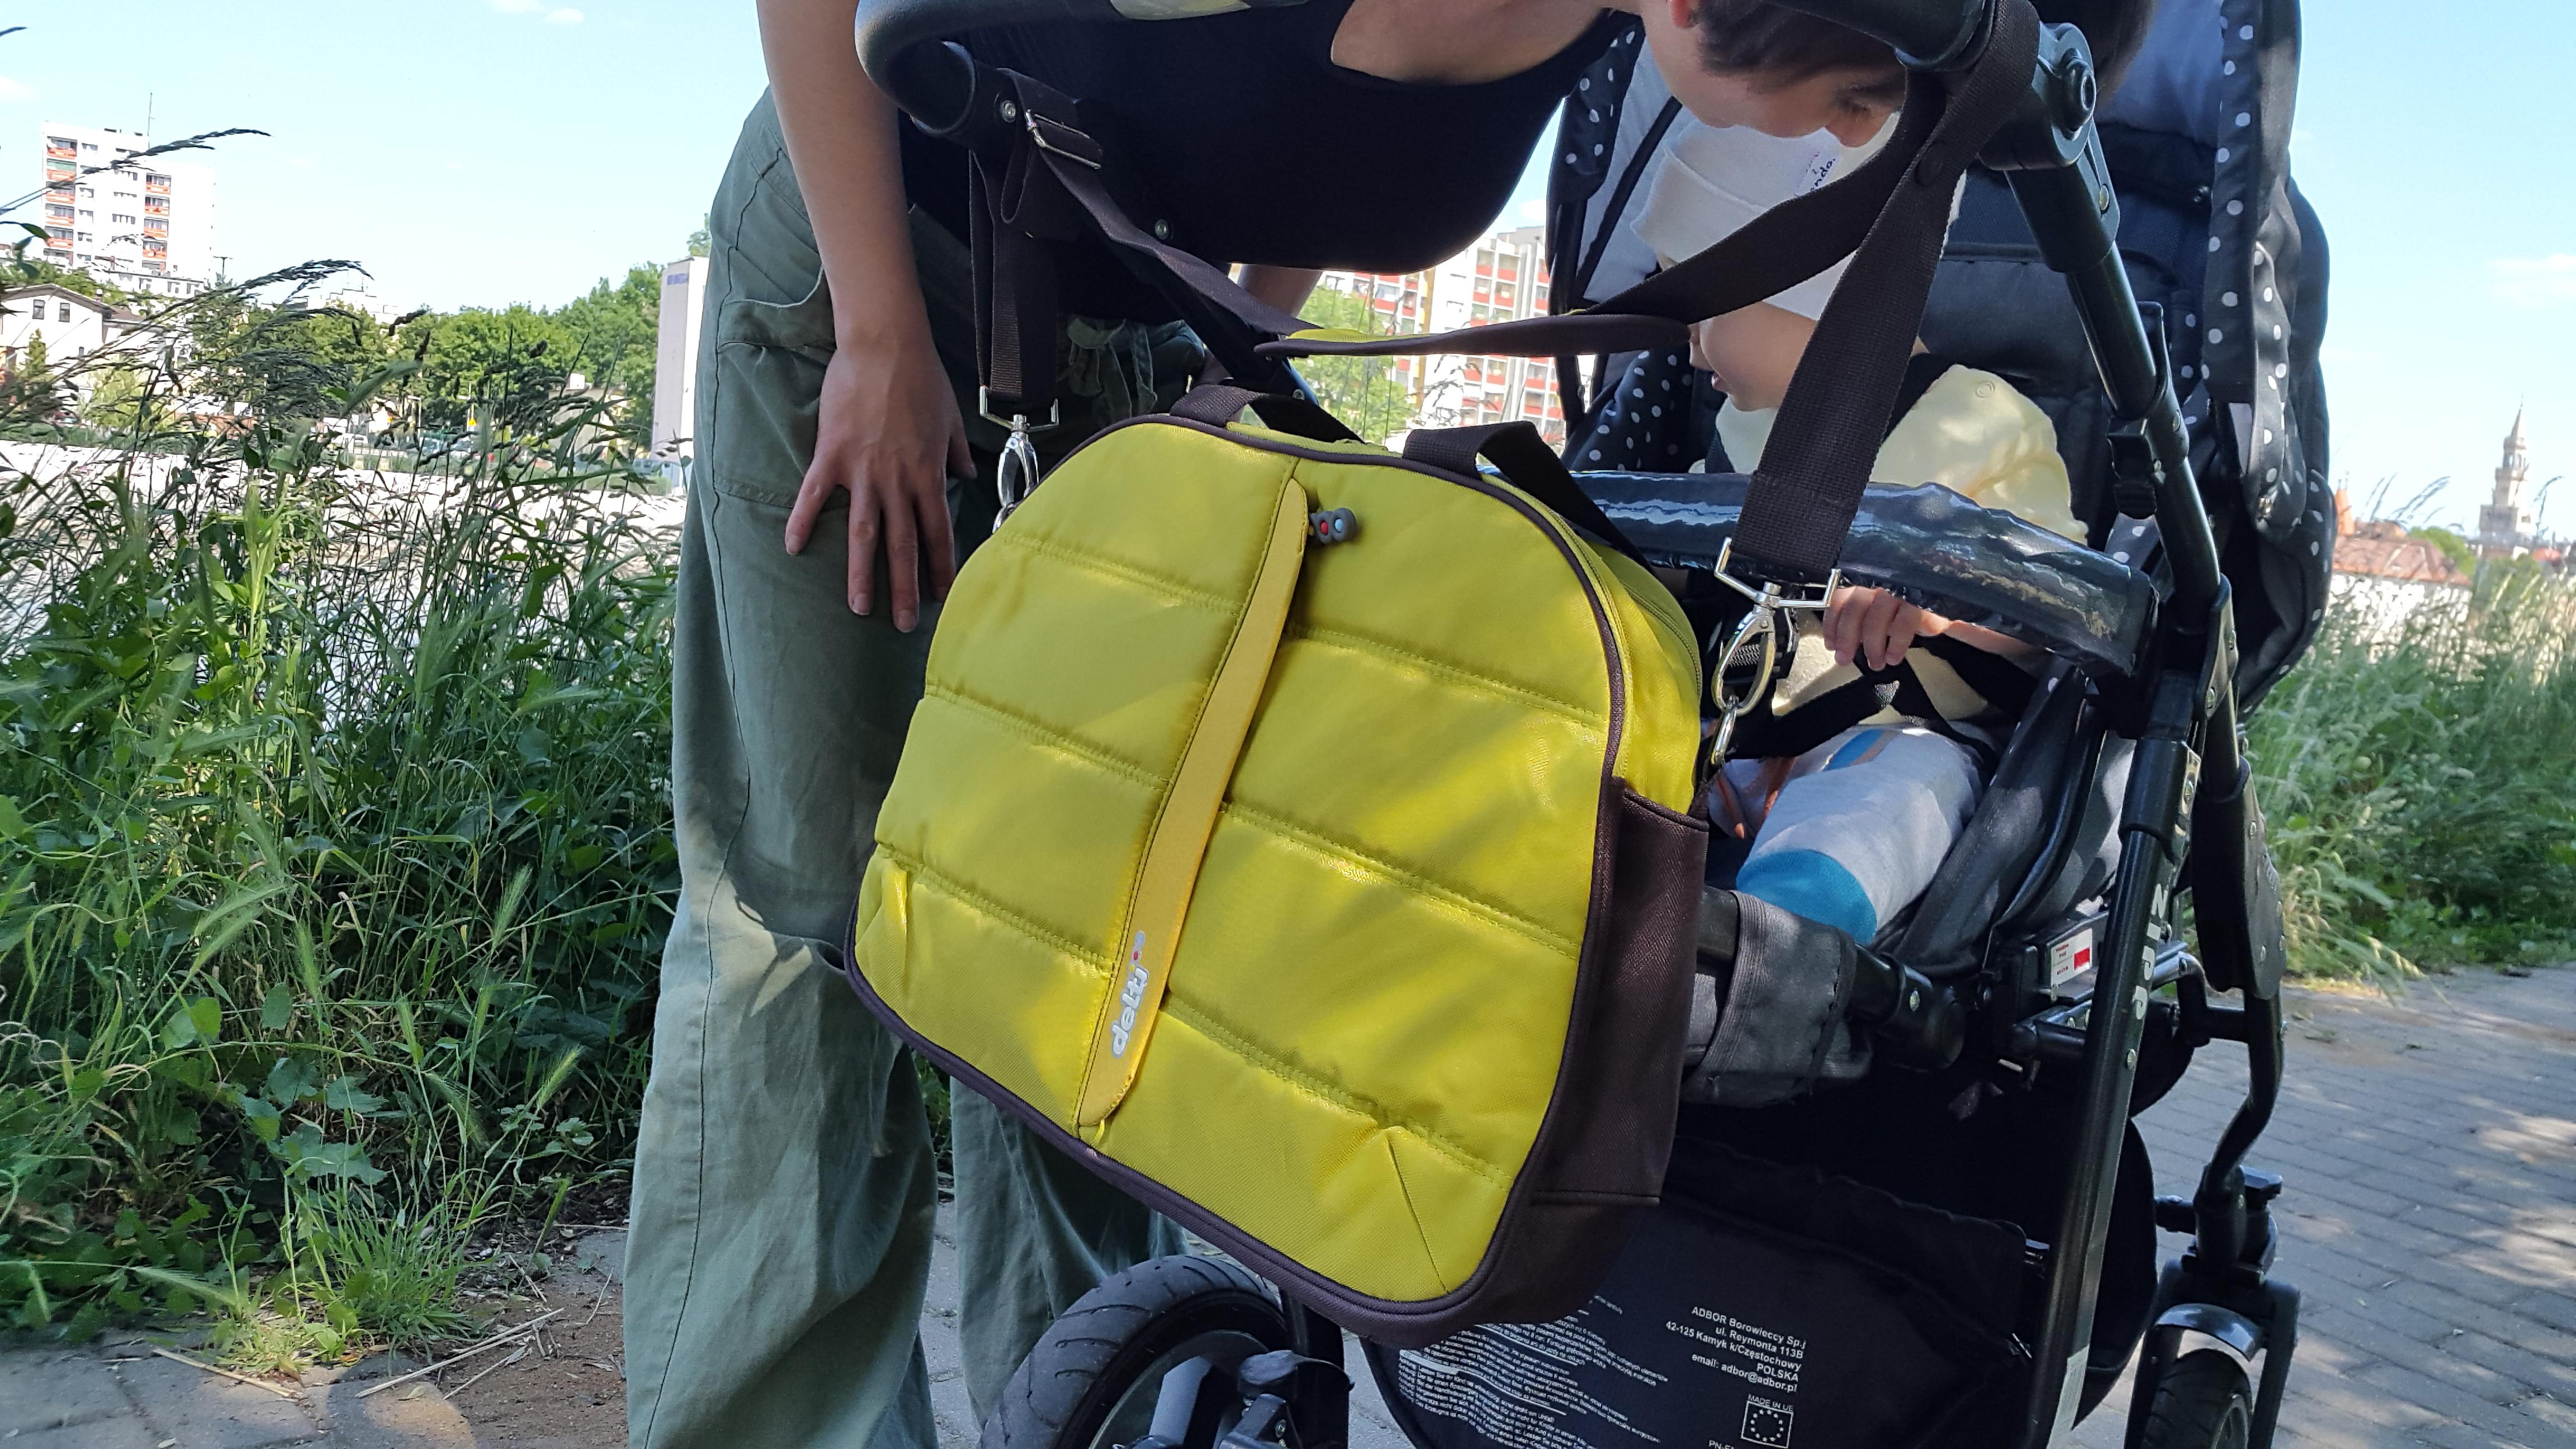 torba w terenie czyli z Rumplem na spacerze